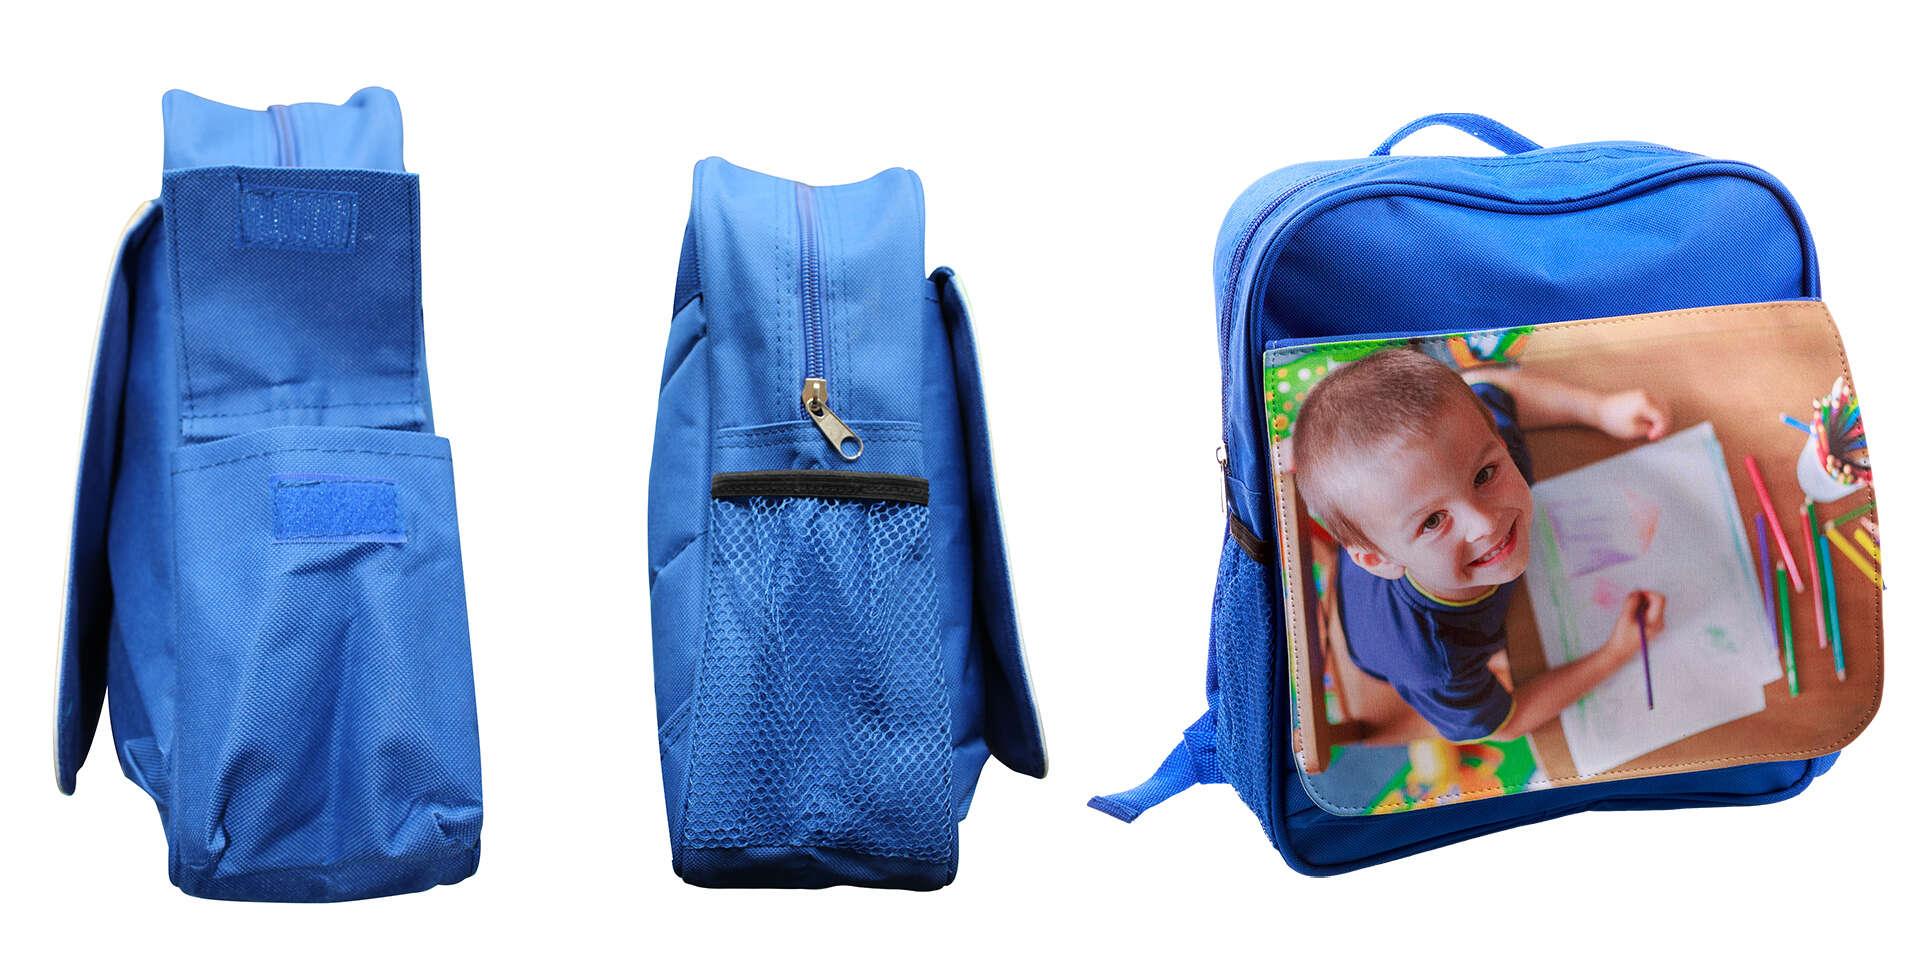 Taška cez rameno alebo ruksak s potlačou od FaxCOPY